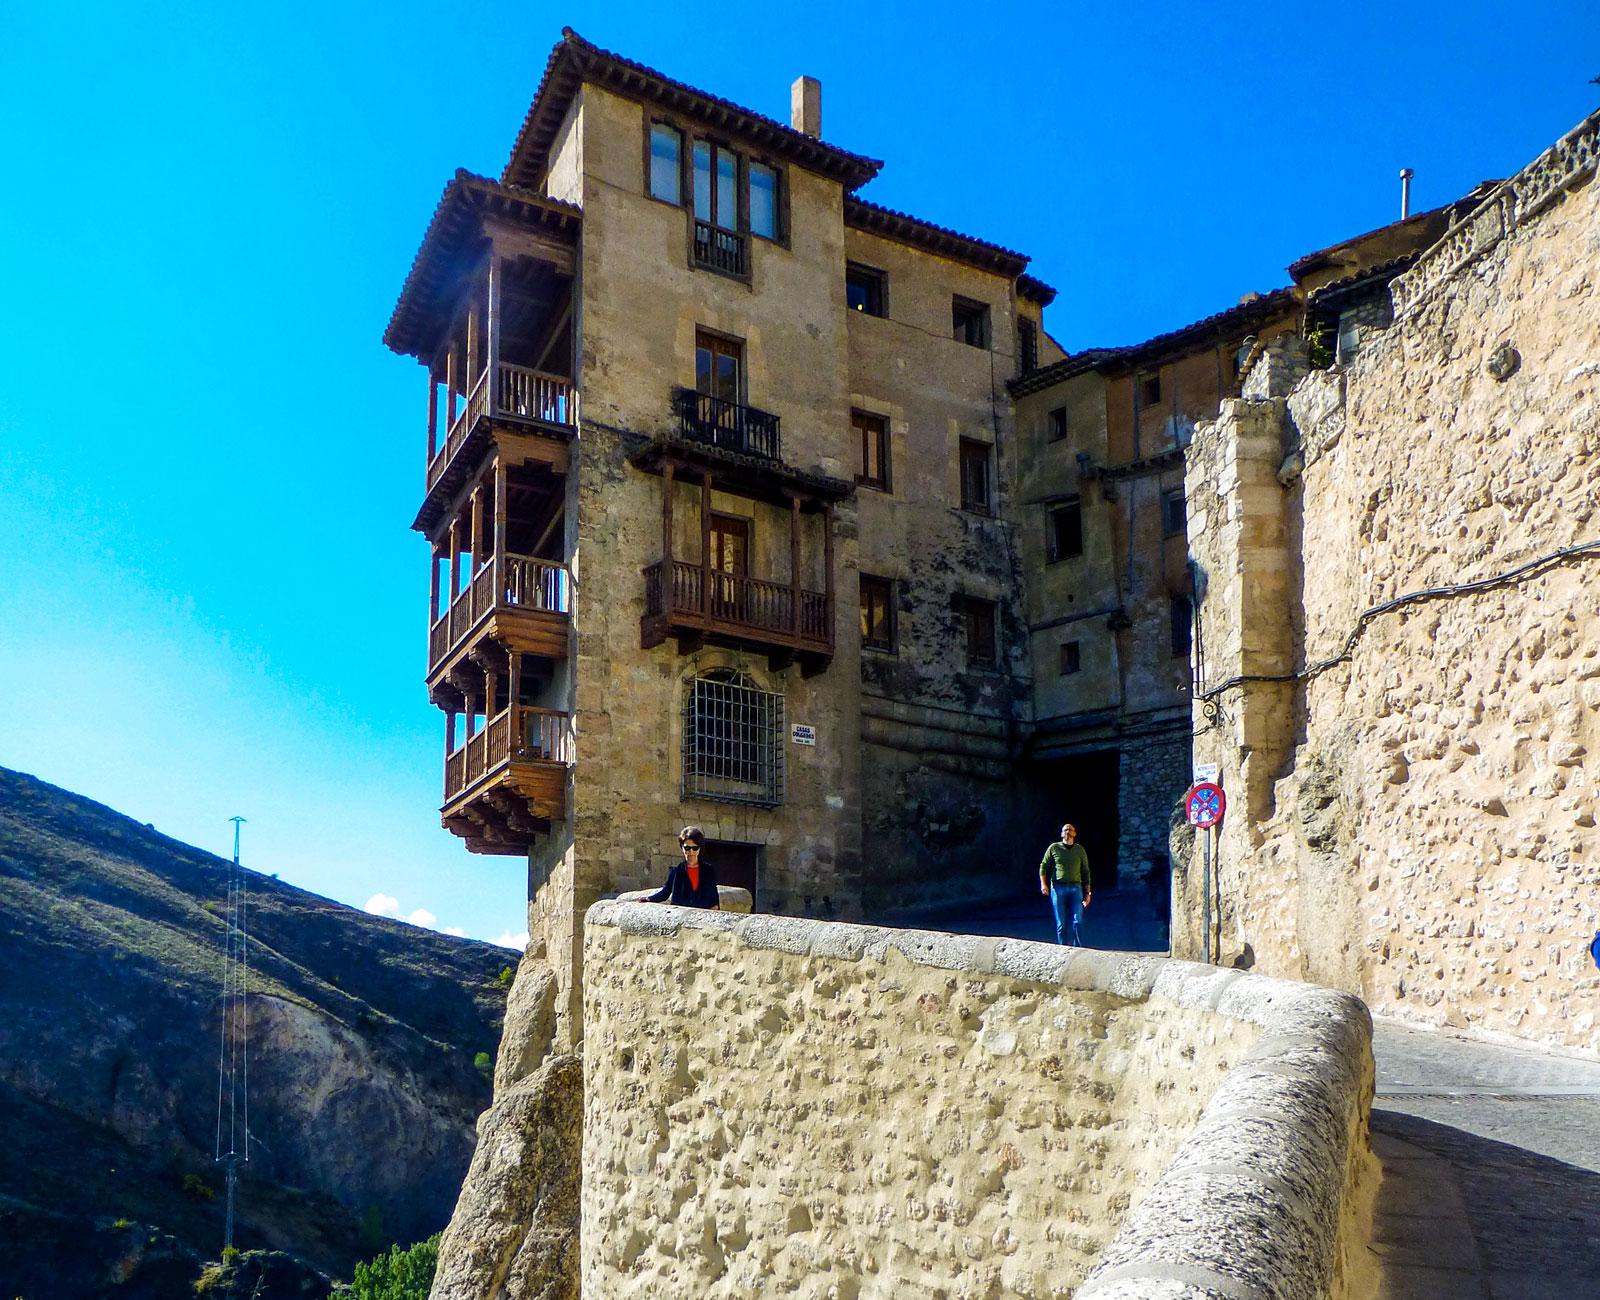 Träbalkonger på ett av de hängande husen – ingenting för den som har höjdskräck.